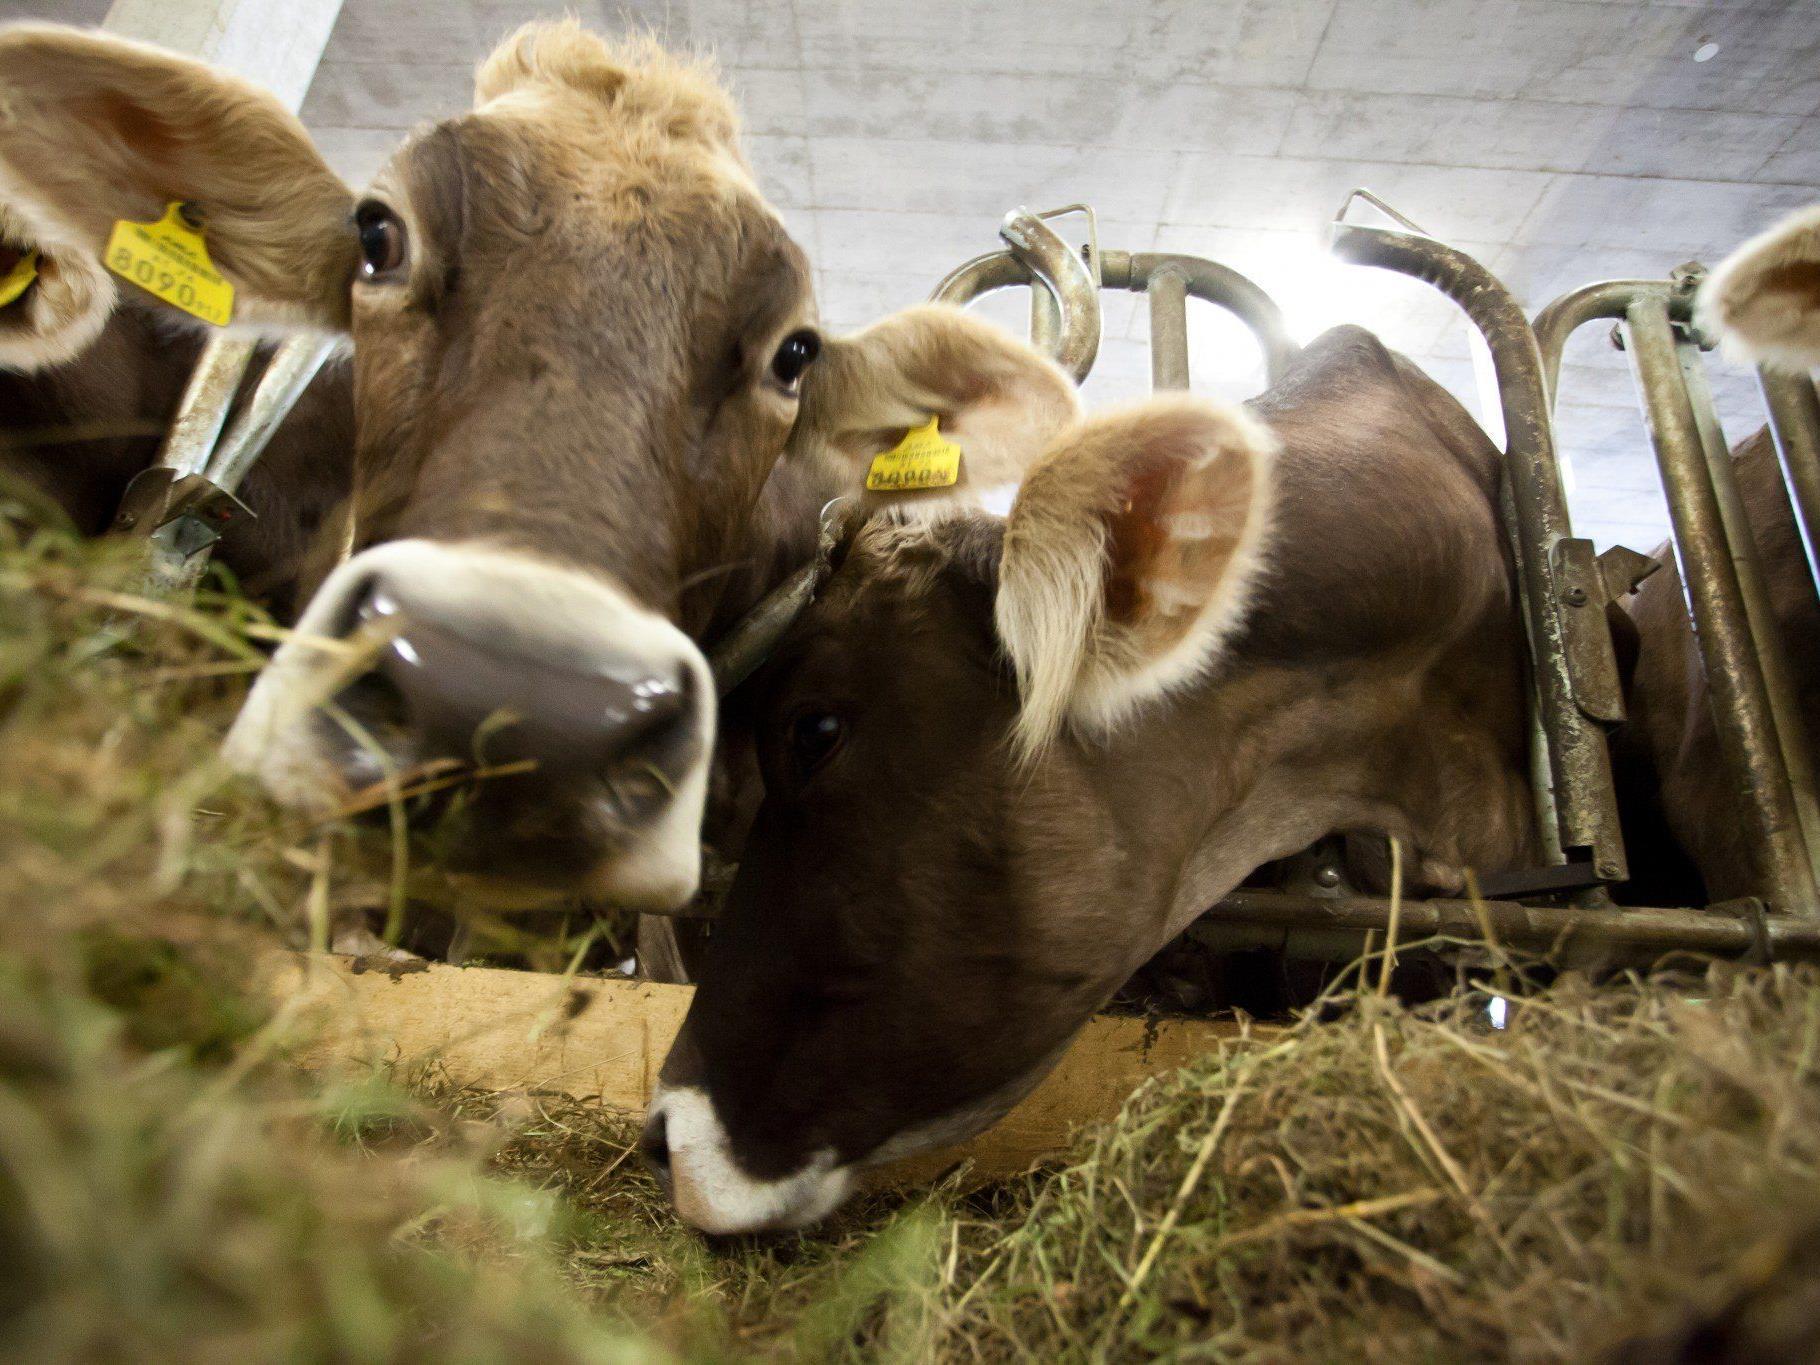 Rindertuberkulose ist eine anzeigepflichtige Tierseuche, die auf den Menschen übertragbar ist.